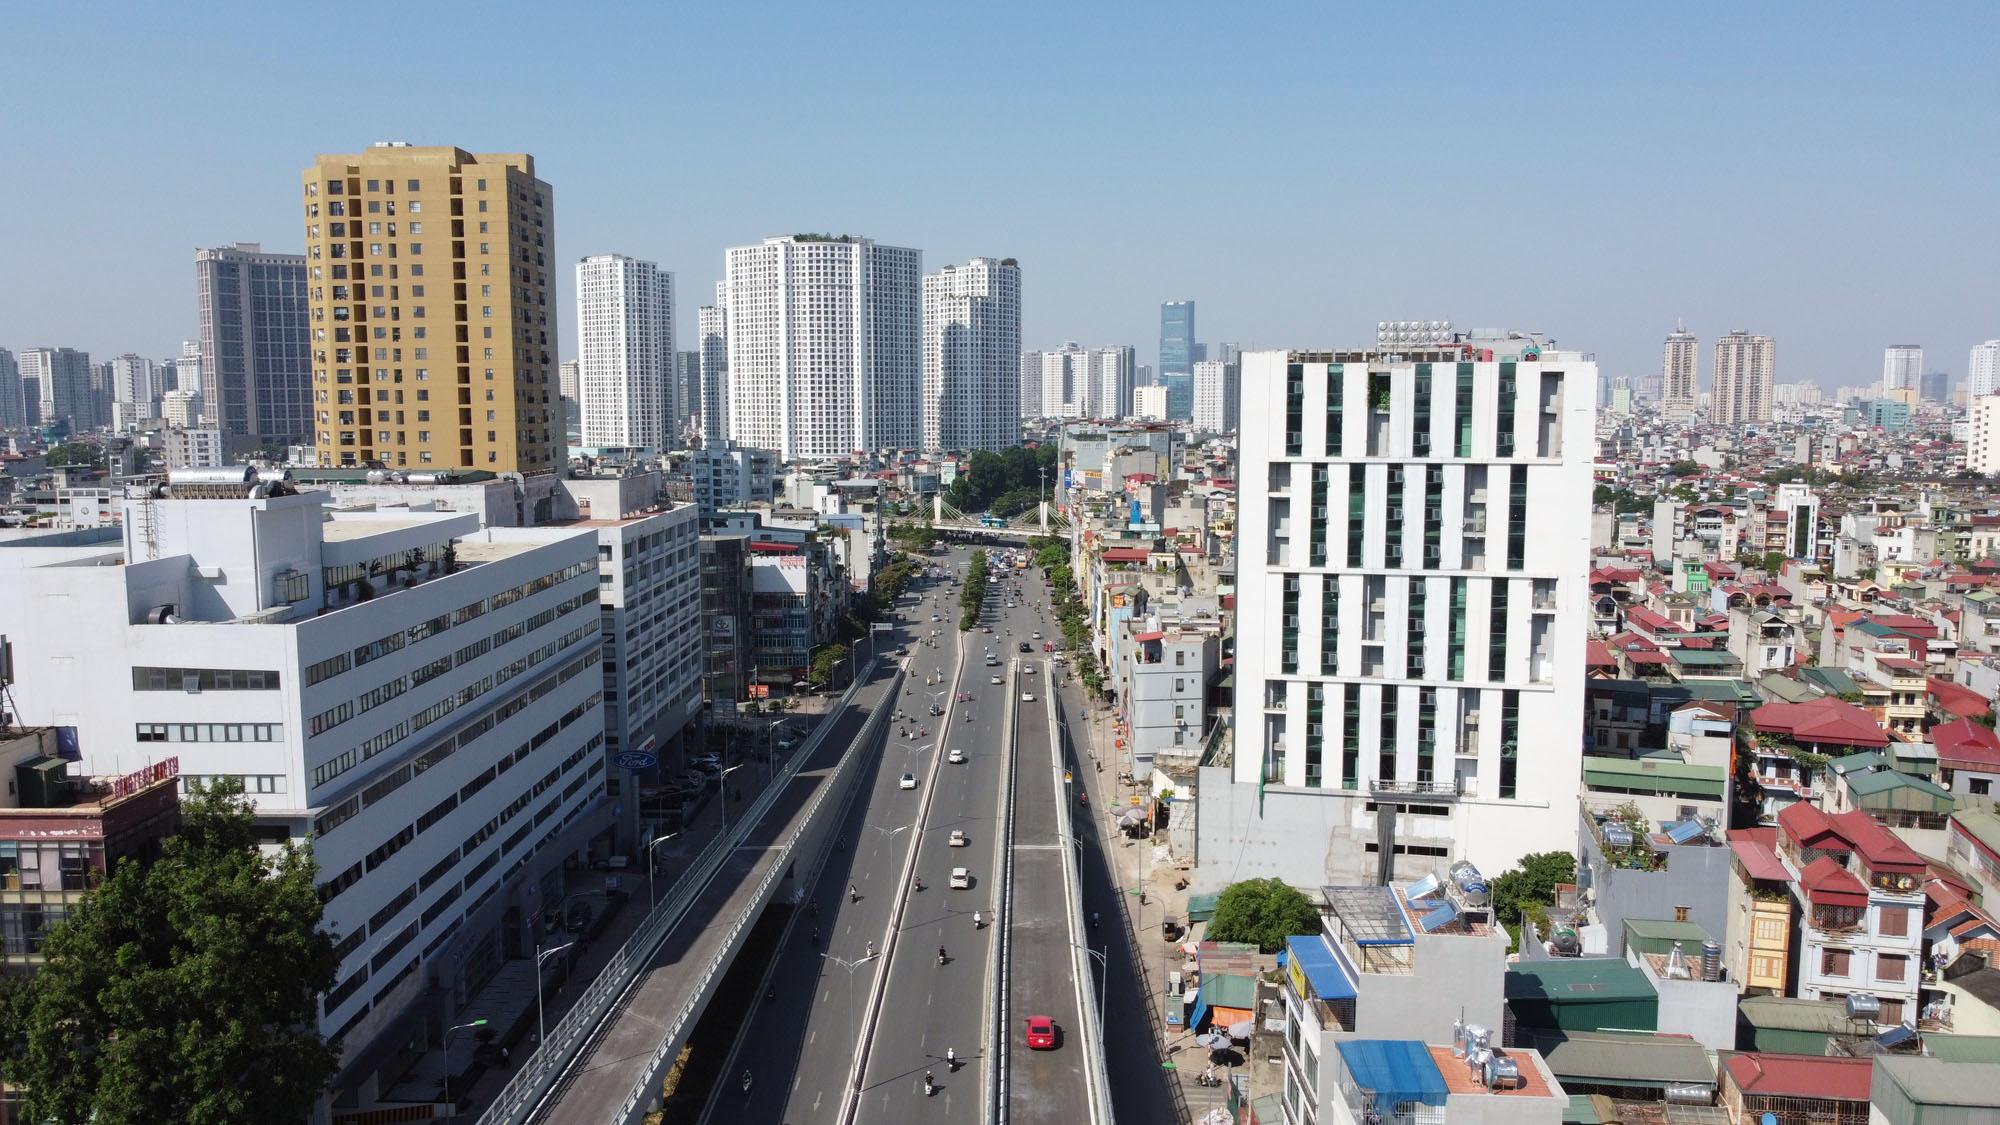 'Càng về cuối năm, thị trường bất động sản càng có dấu hiệu phục hồi mạnh mẽ' - Ảnh 1.